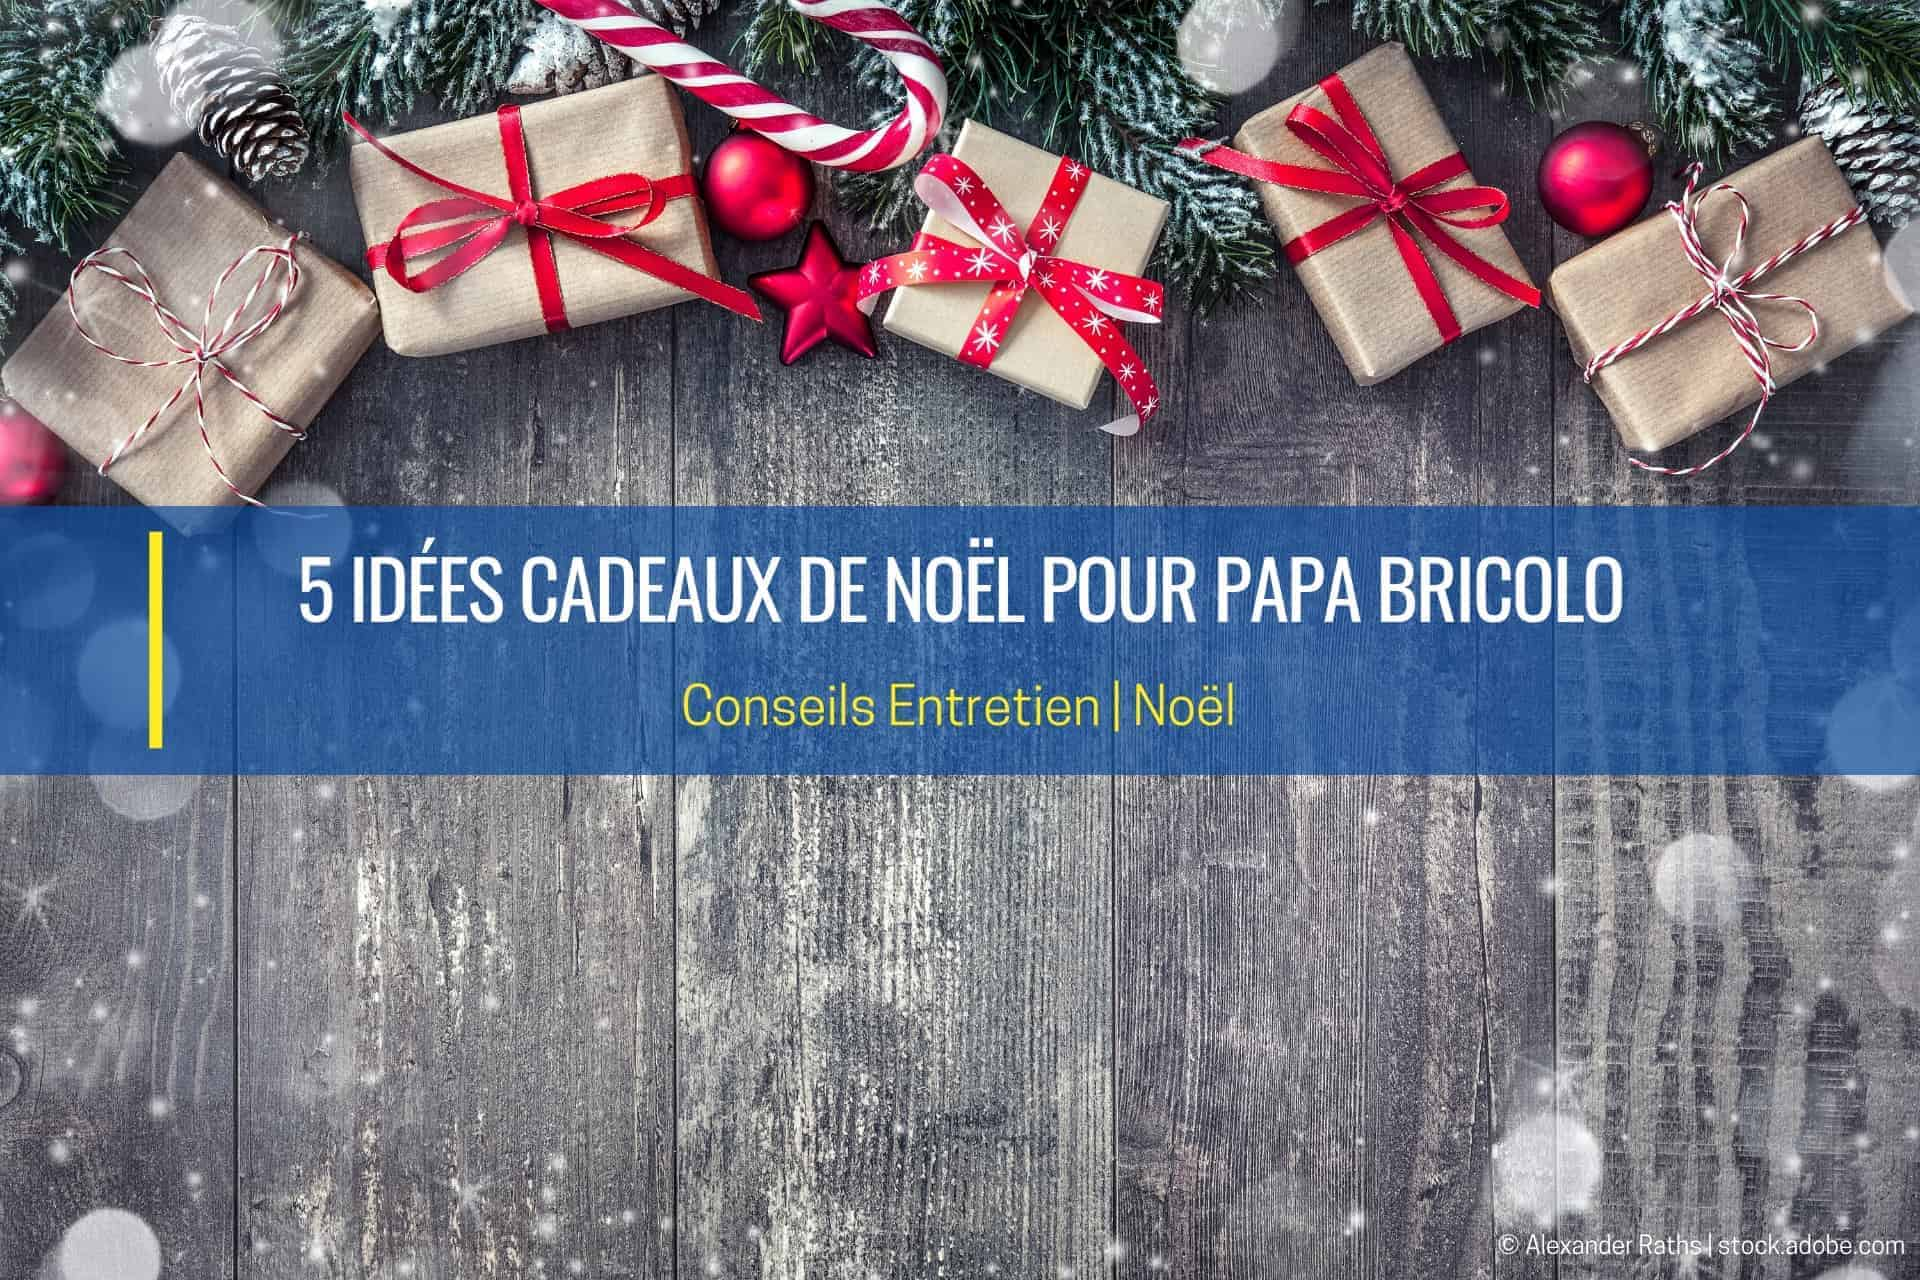 5 idées cadeaux pour papa bricolo